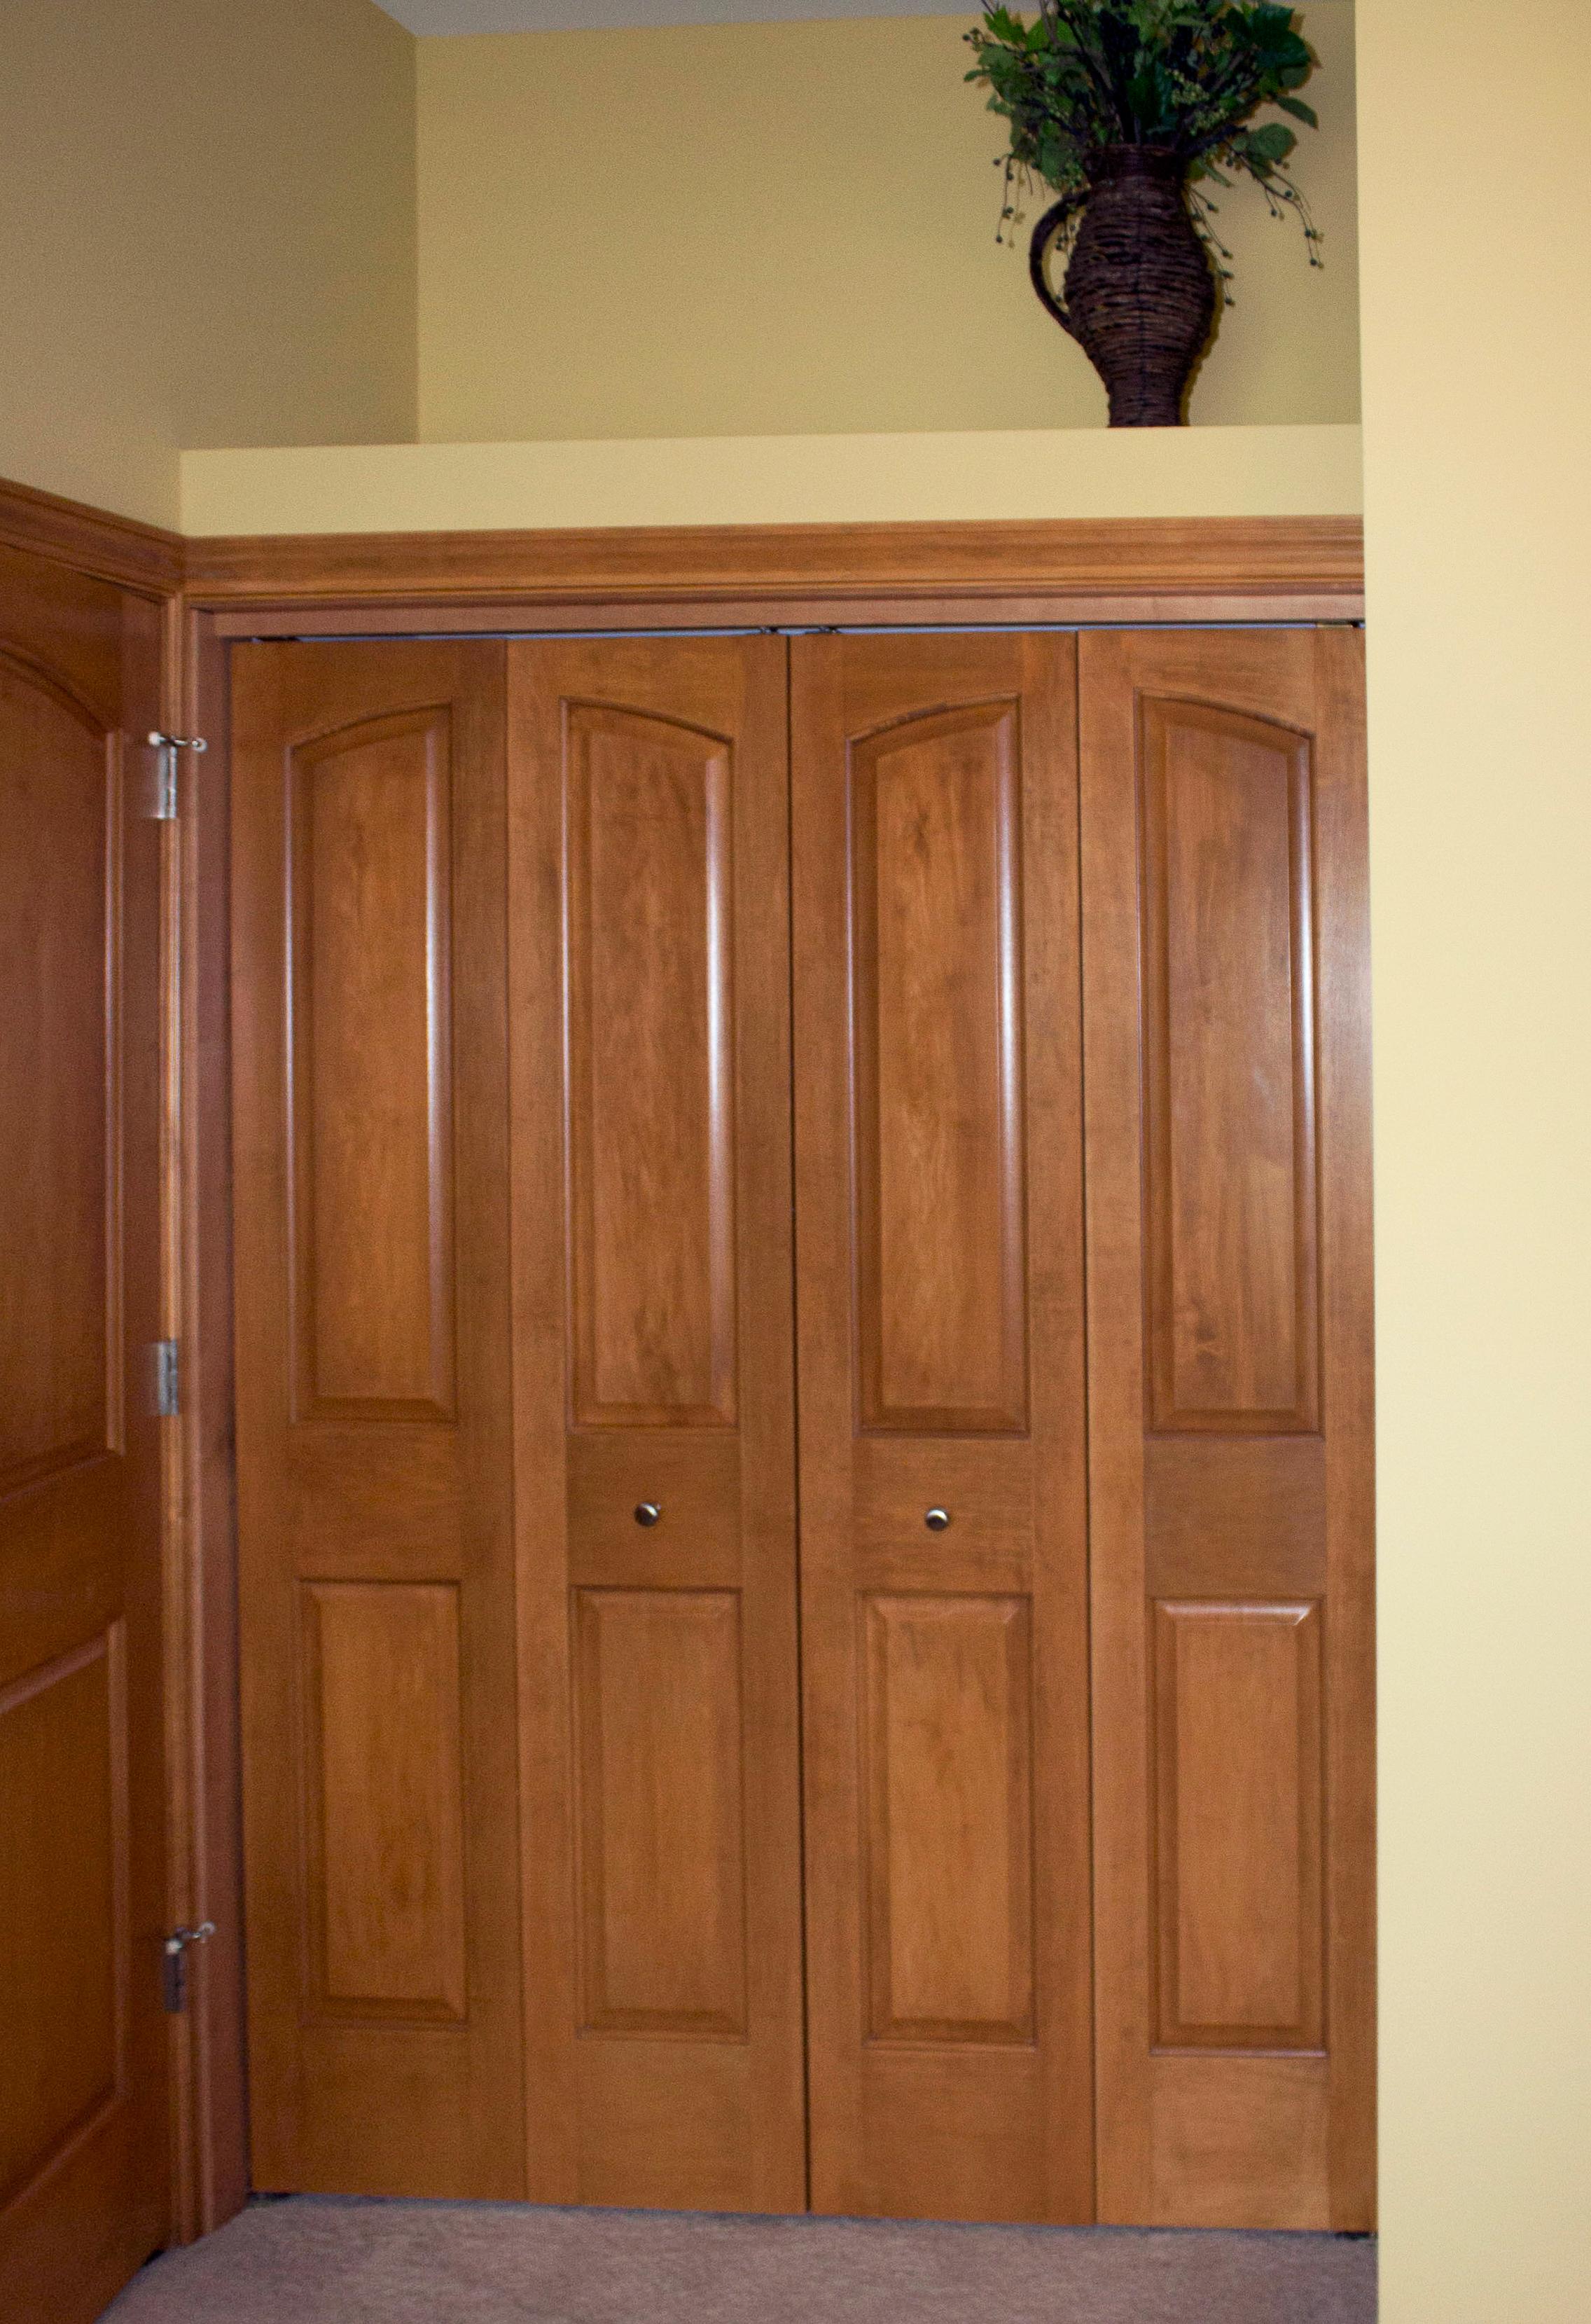 New Closet, Hawk's Reserve Condominium, Madison, WI